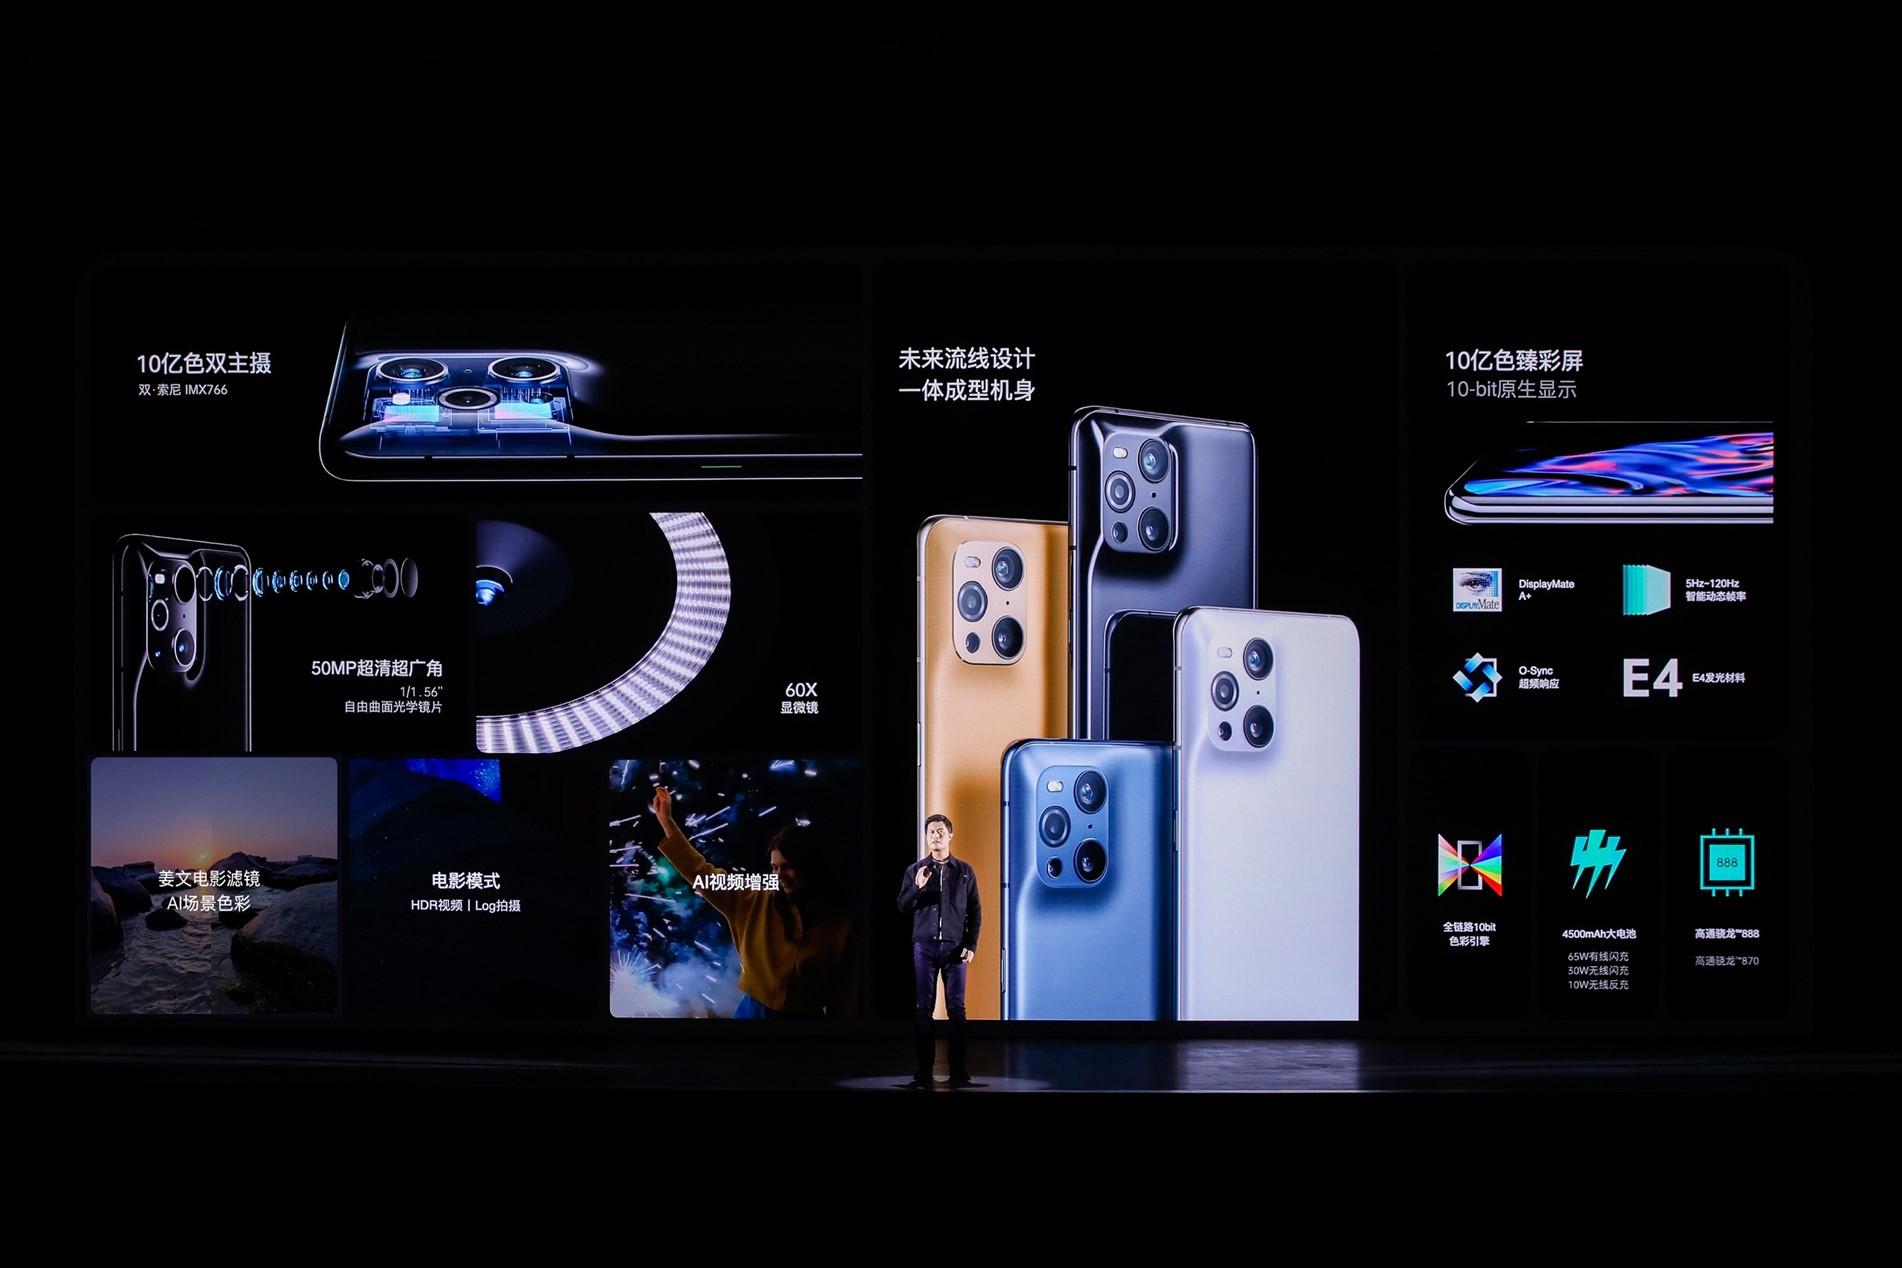 OPPO发布色彩影像旗舰Find X3系列